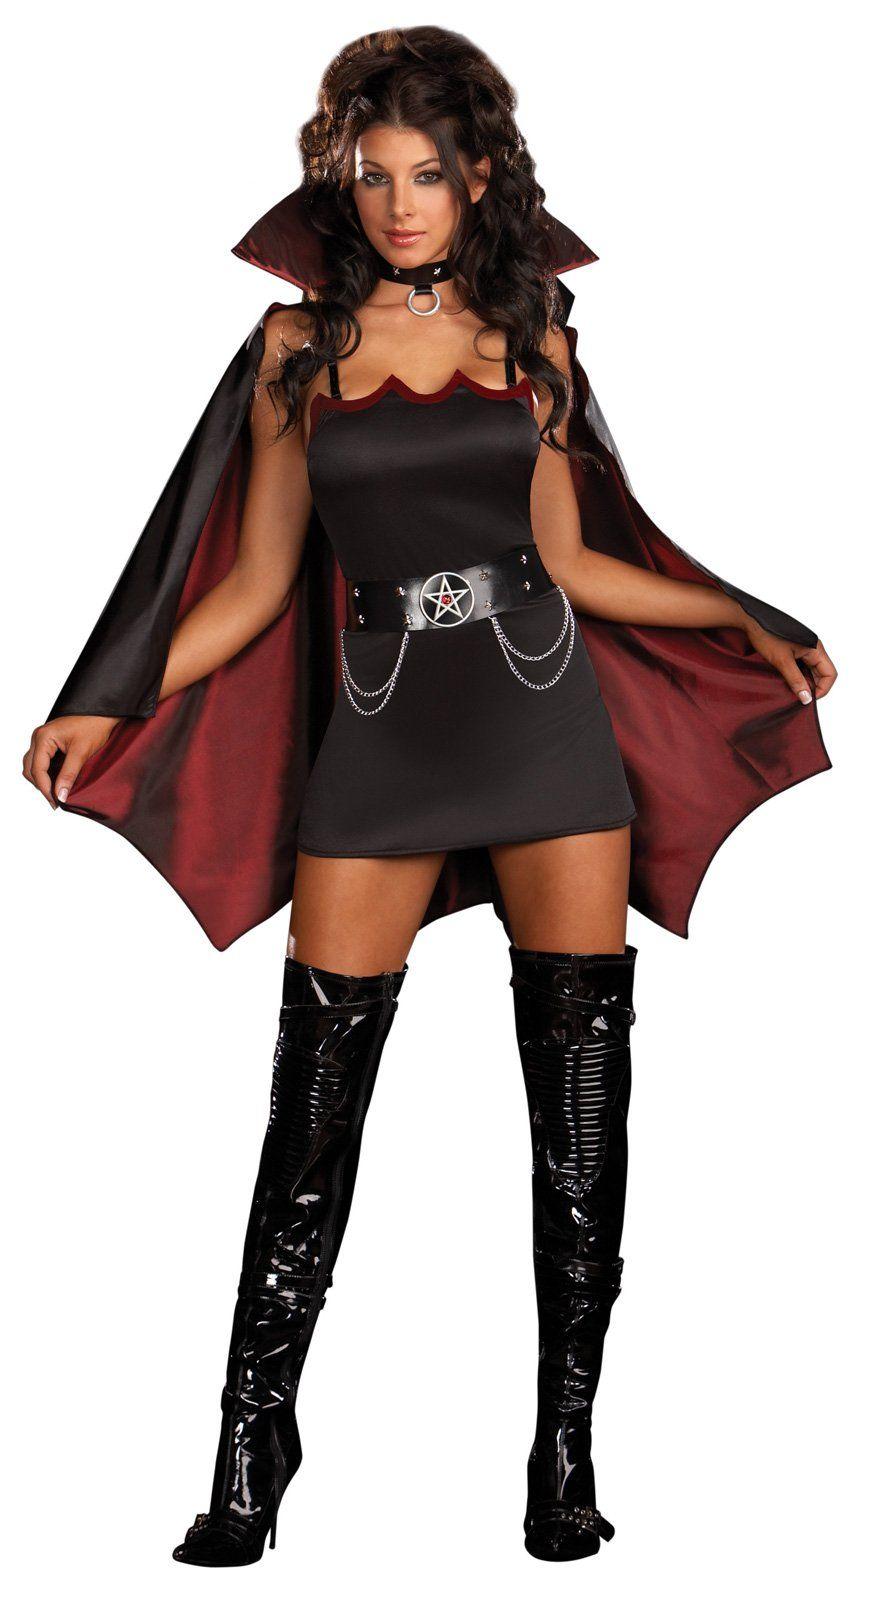 Disfraces de Halloween para mujer – Más de 25 modelos  b8ad48c34f0a